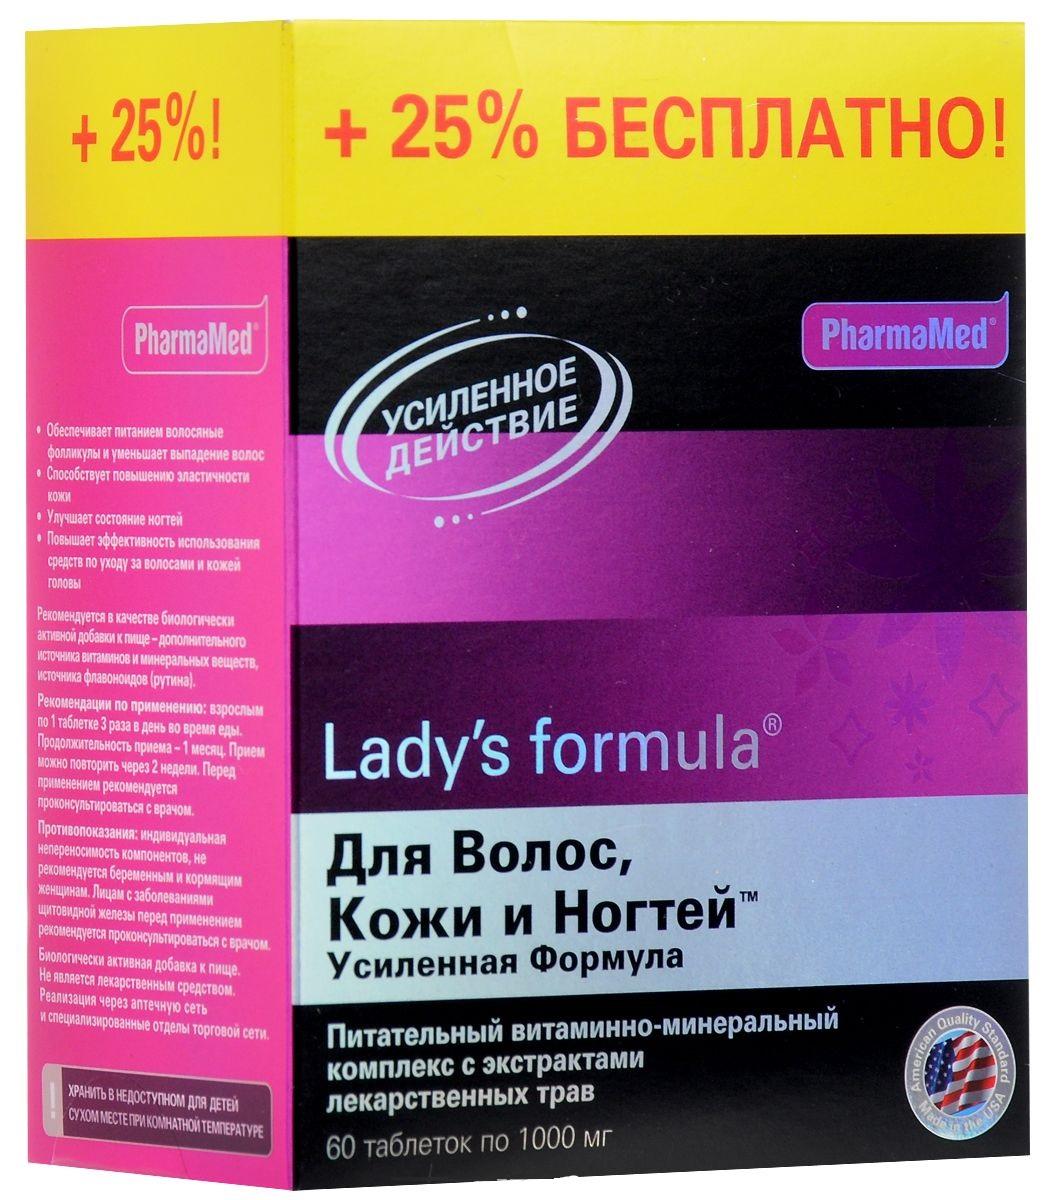 LADY'S FORMULA Для волос кожи и ногтей усиленная формула, таблетки 1,0 г № 60 + 25% бесплатно